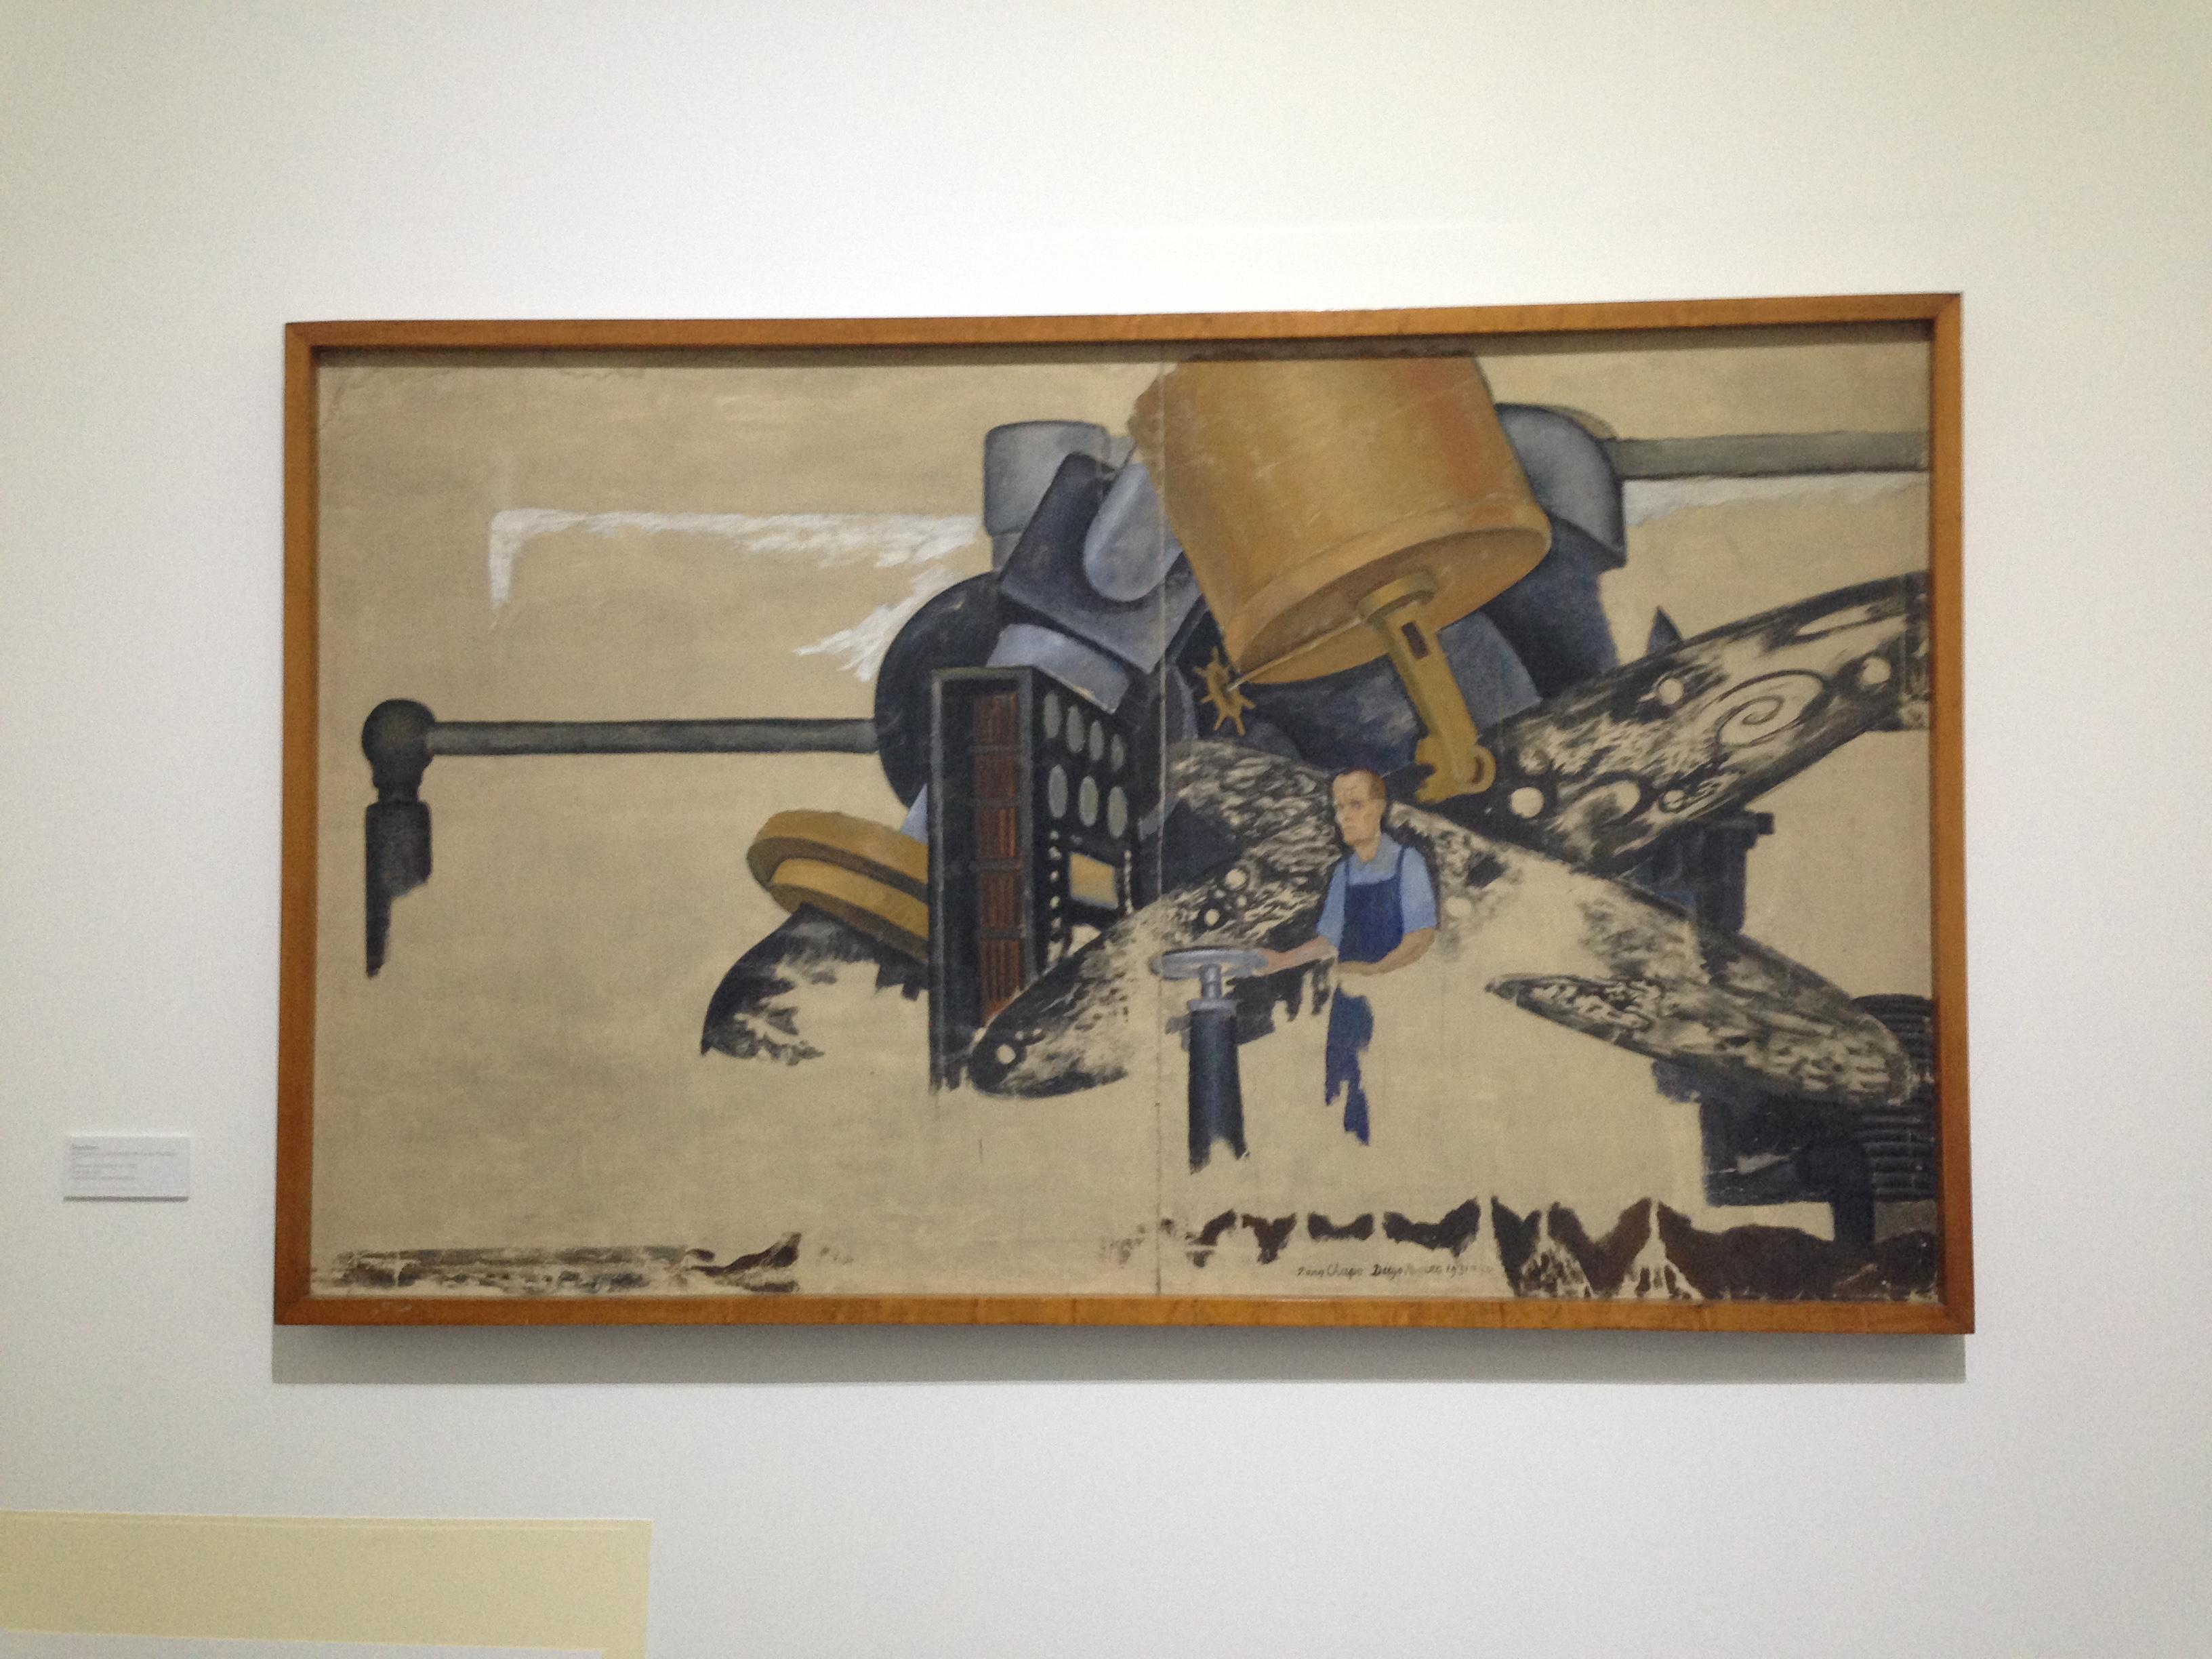 El Museo Mural Recupera La Historia De Diego Rivera Y Su Obra En